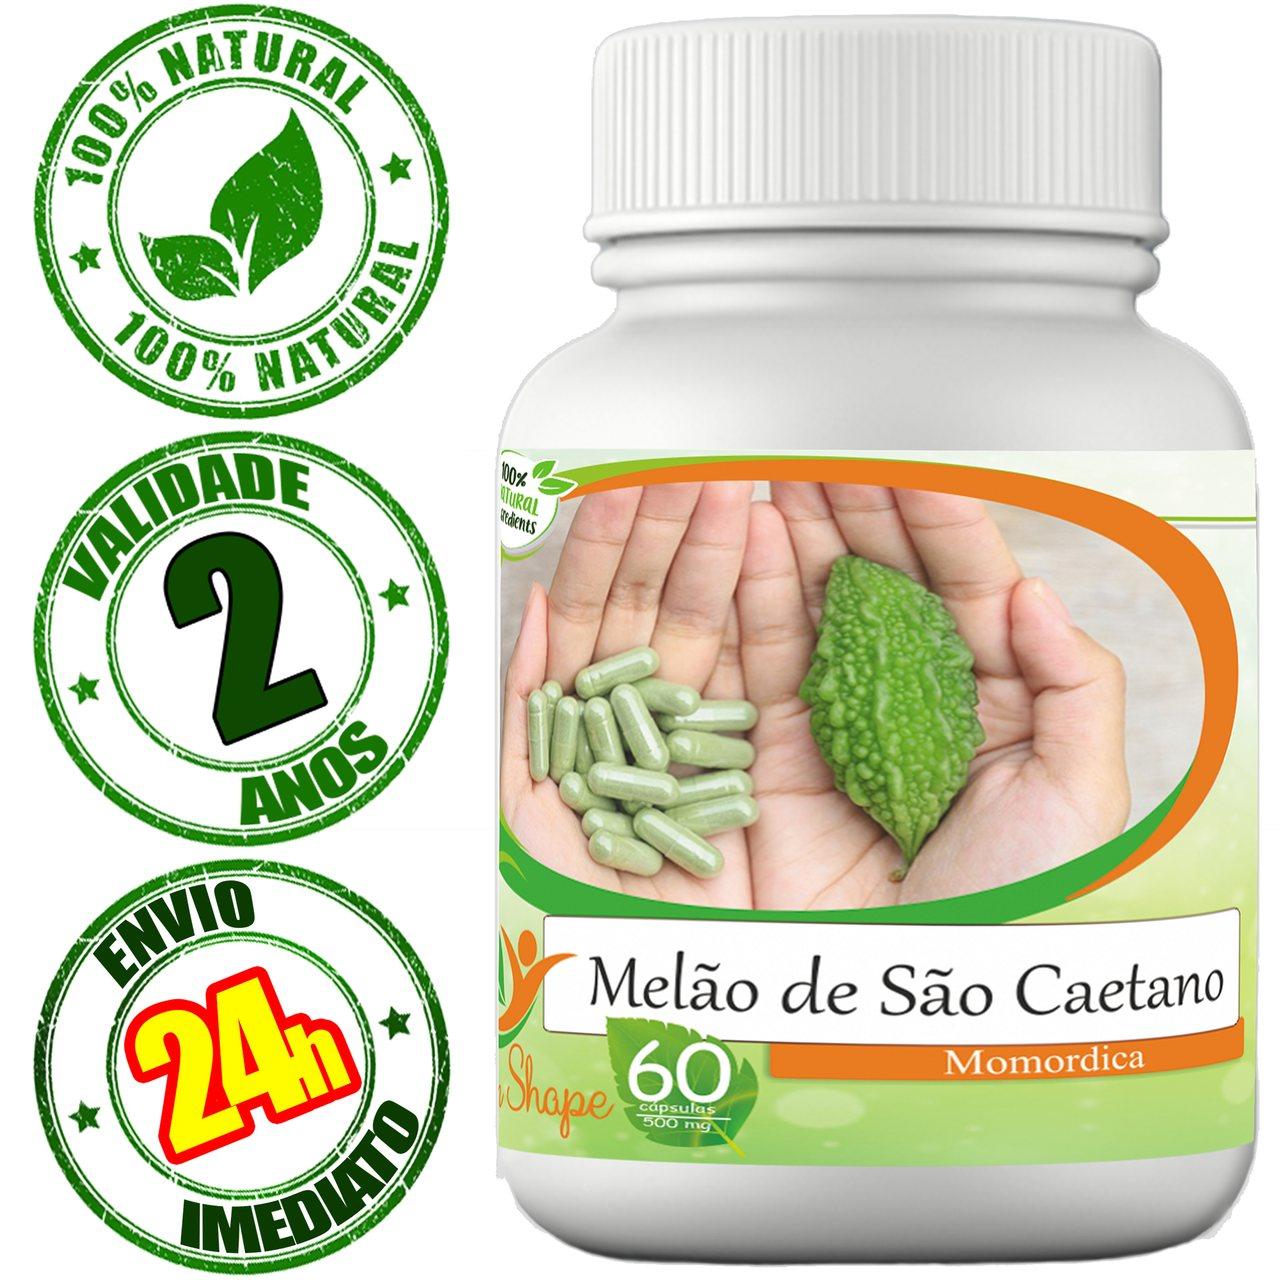 12 frascos de Melão de São Caetano 60 cápsulas cada frasco